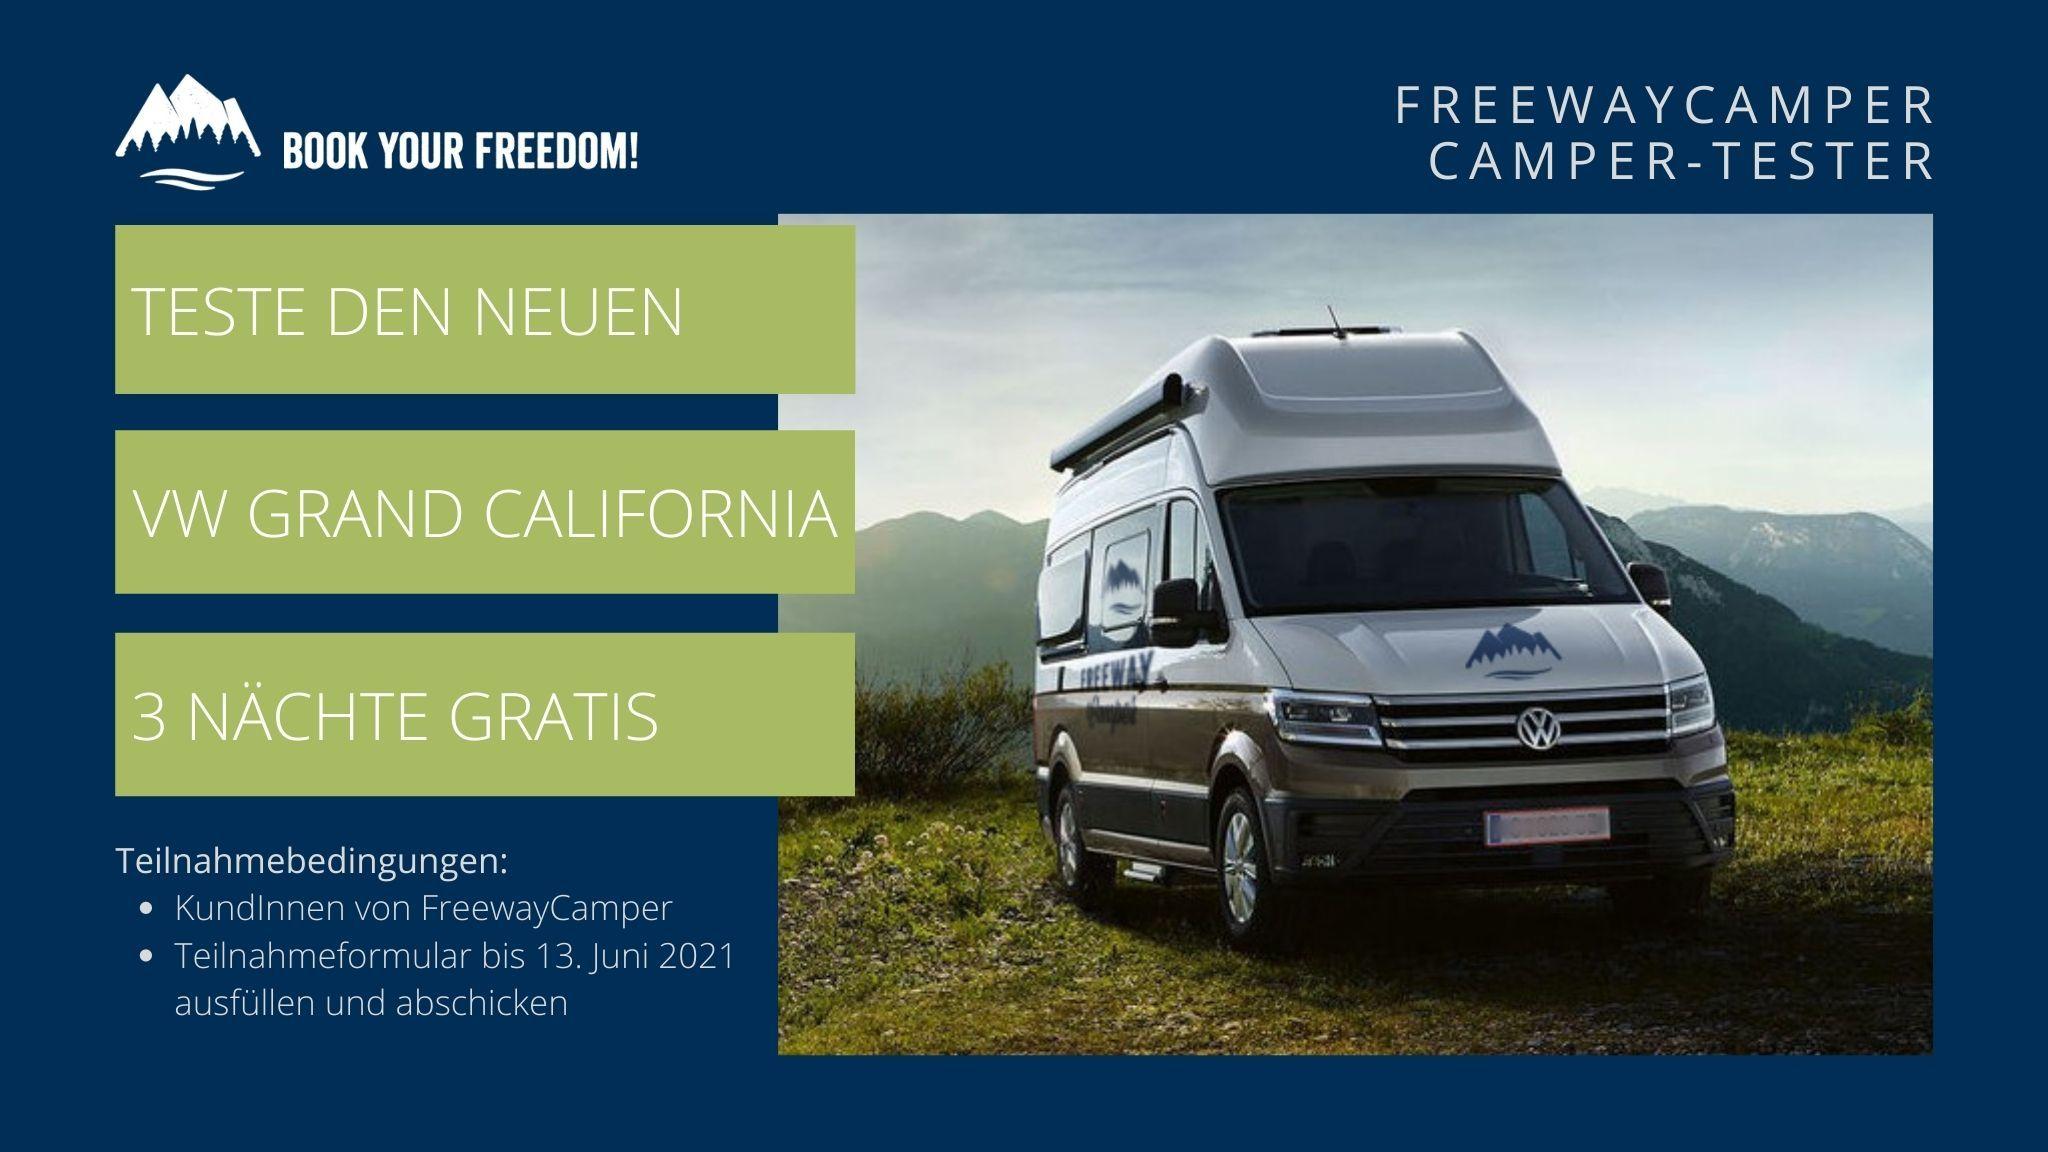 Grand California Camper-Tester